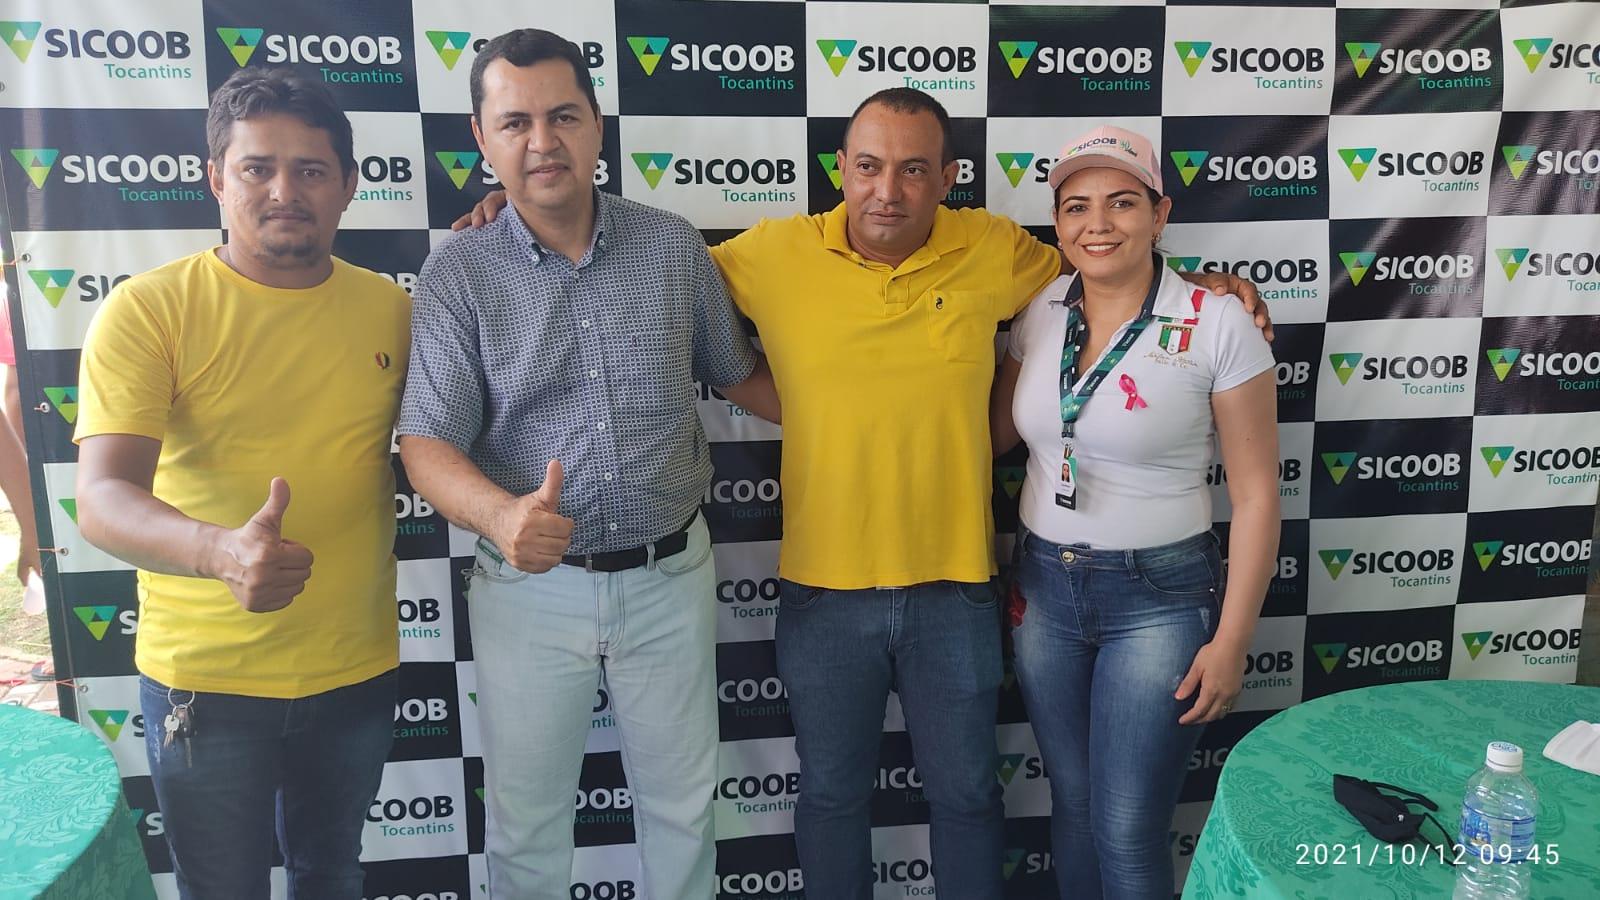 Banco Sicoob Tocantins esteve presente no evento - Foto: Edsom Gilmar